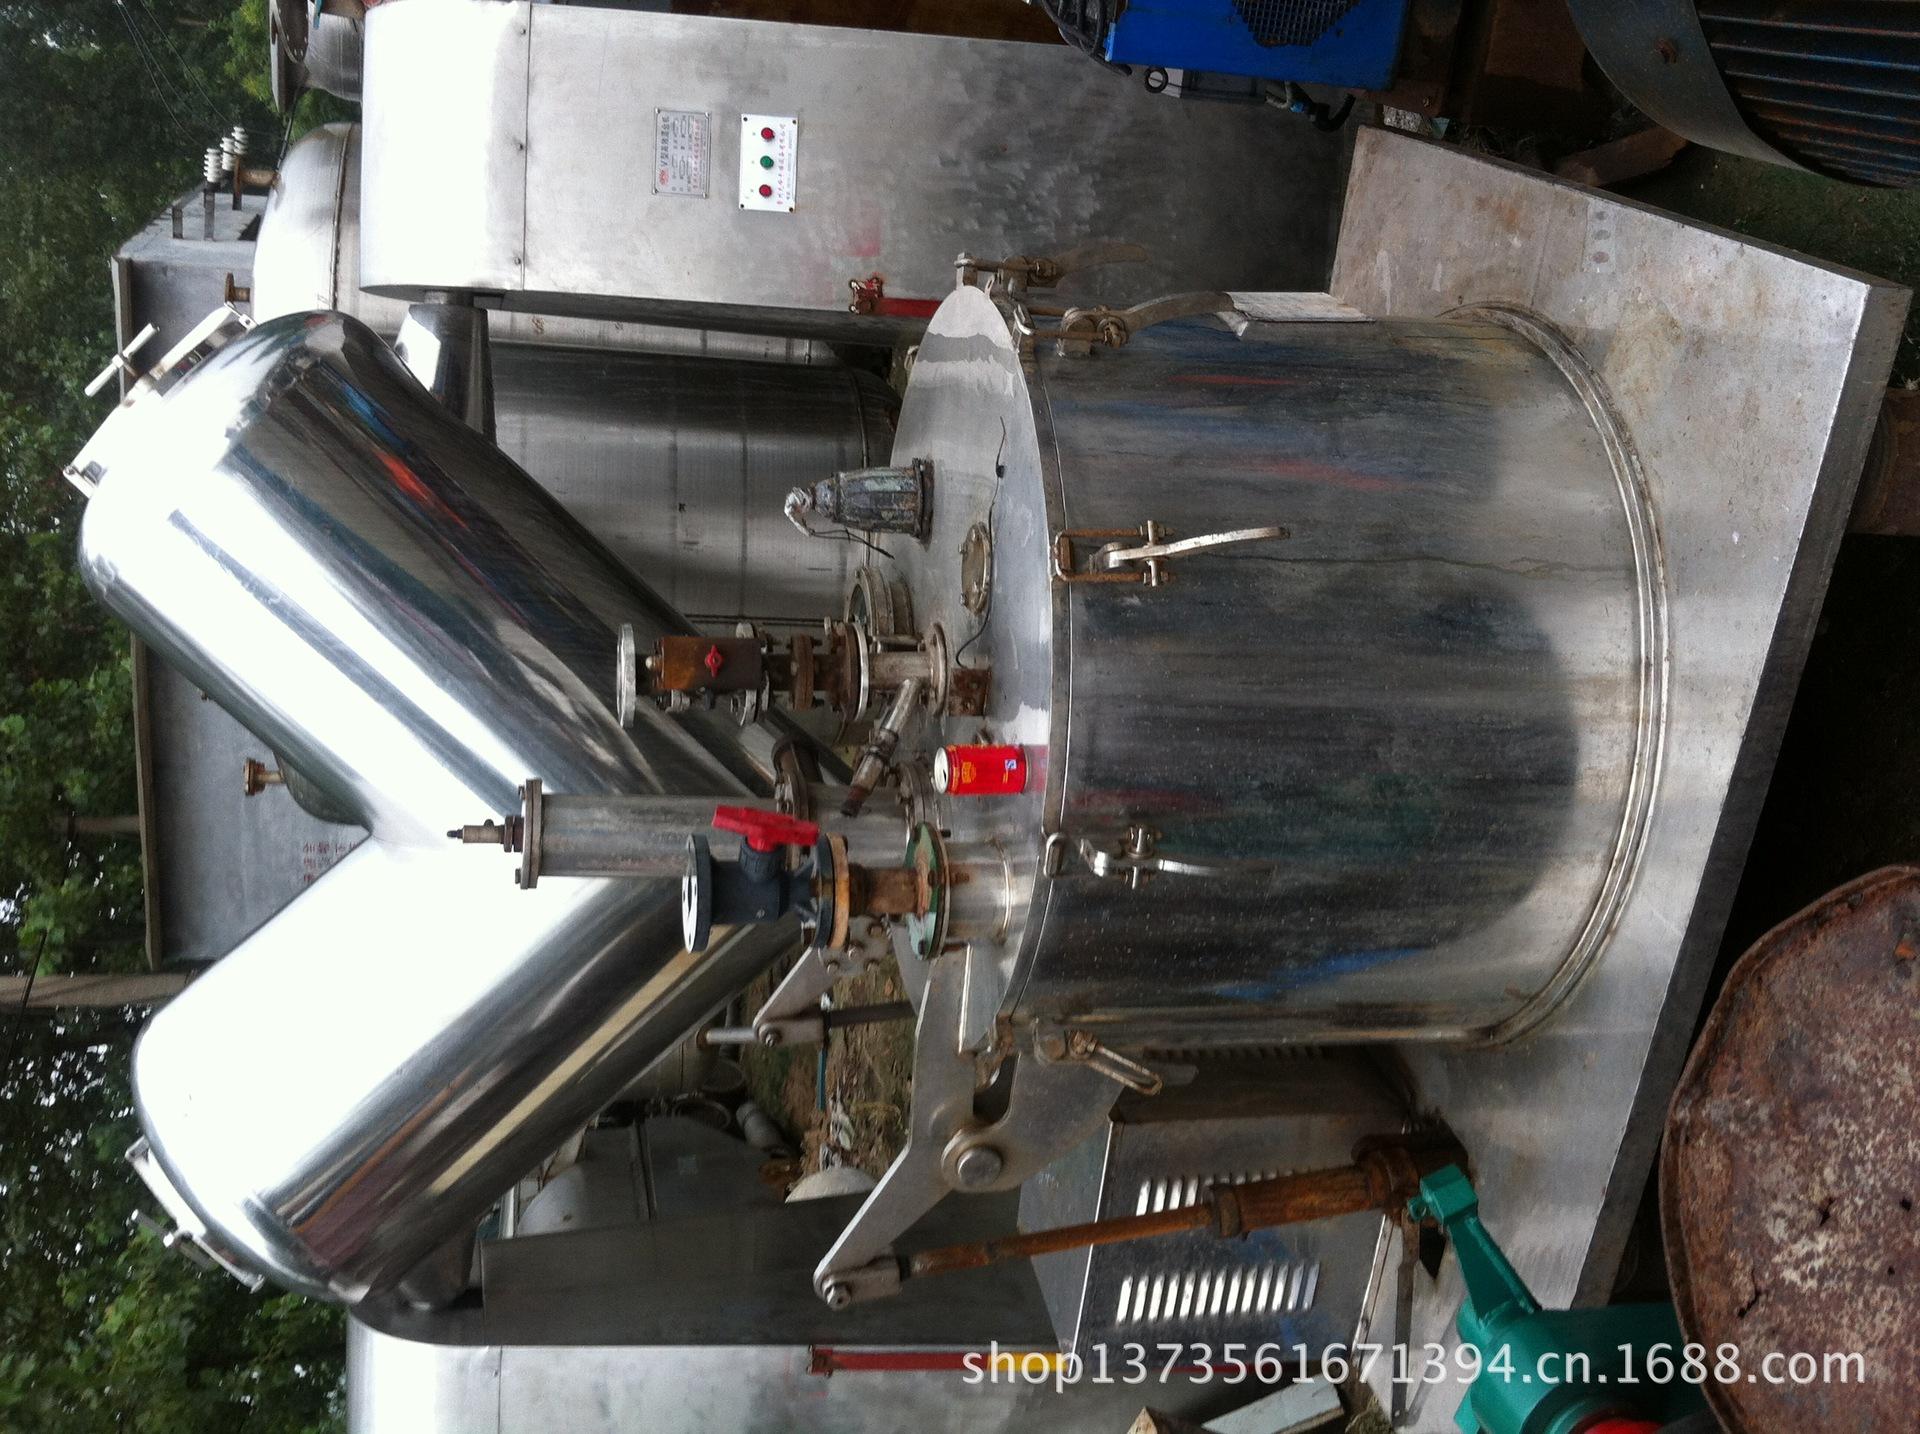 三效蒸发器 mvr三效蒸发器 mvr三效蒸发器工作原理 使用方法 阿里巴巴